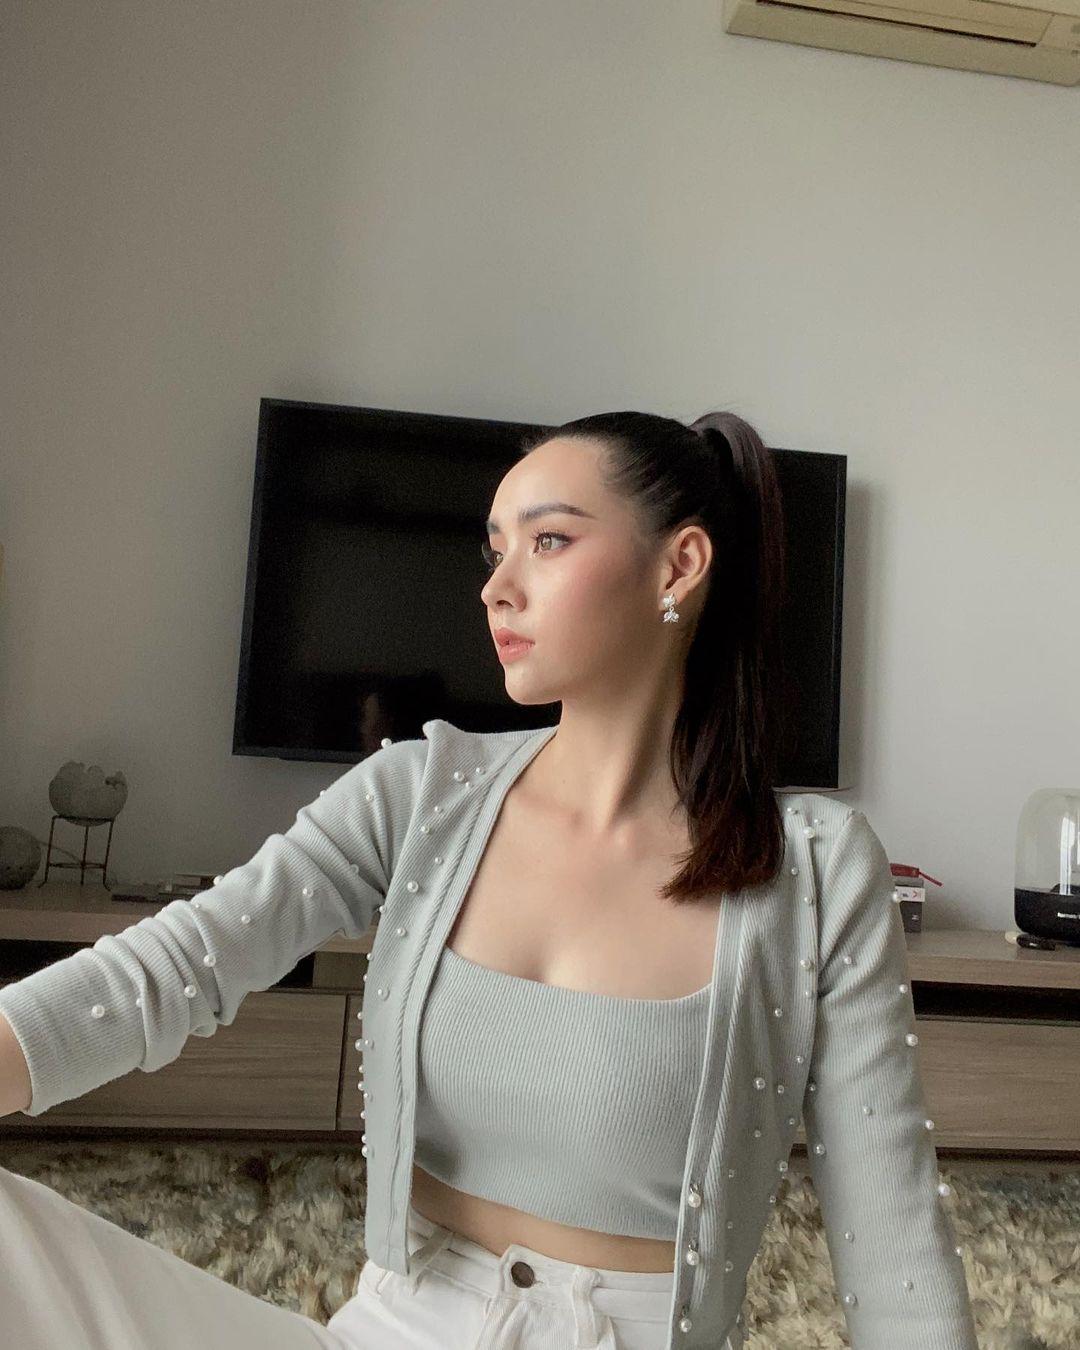 Loạt váy áo Zara, H&M sao châu Á diện dạo này: Toàn kiểu hot hit cho mùa lạnh - Ảnh 5.